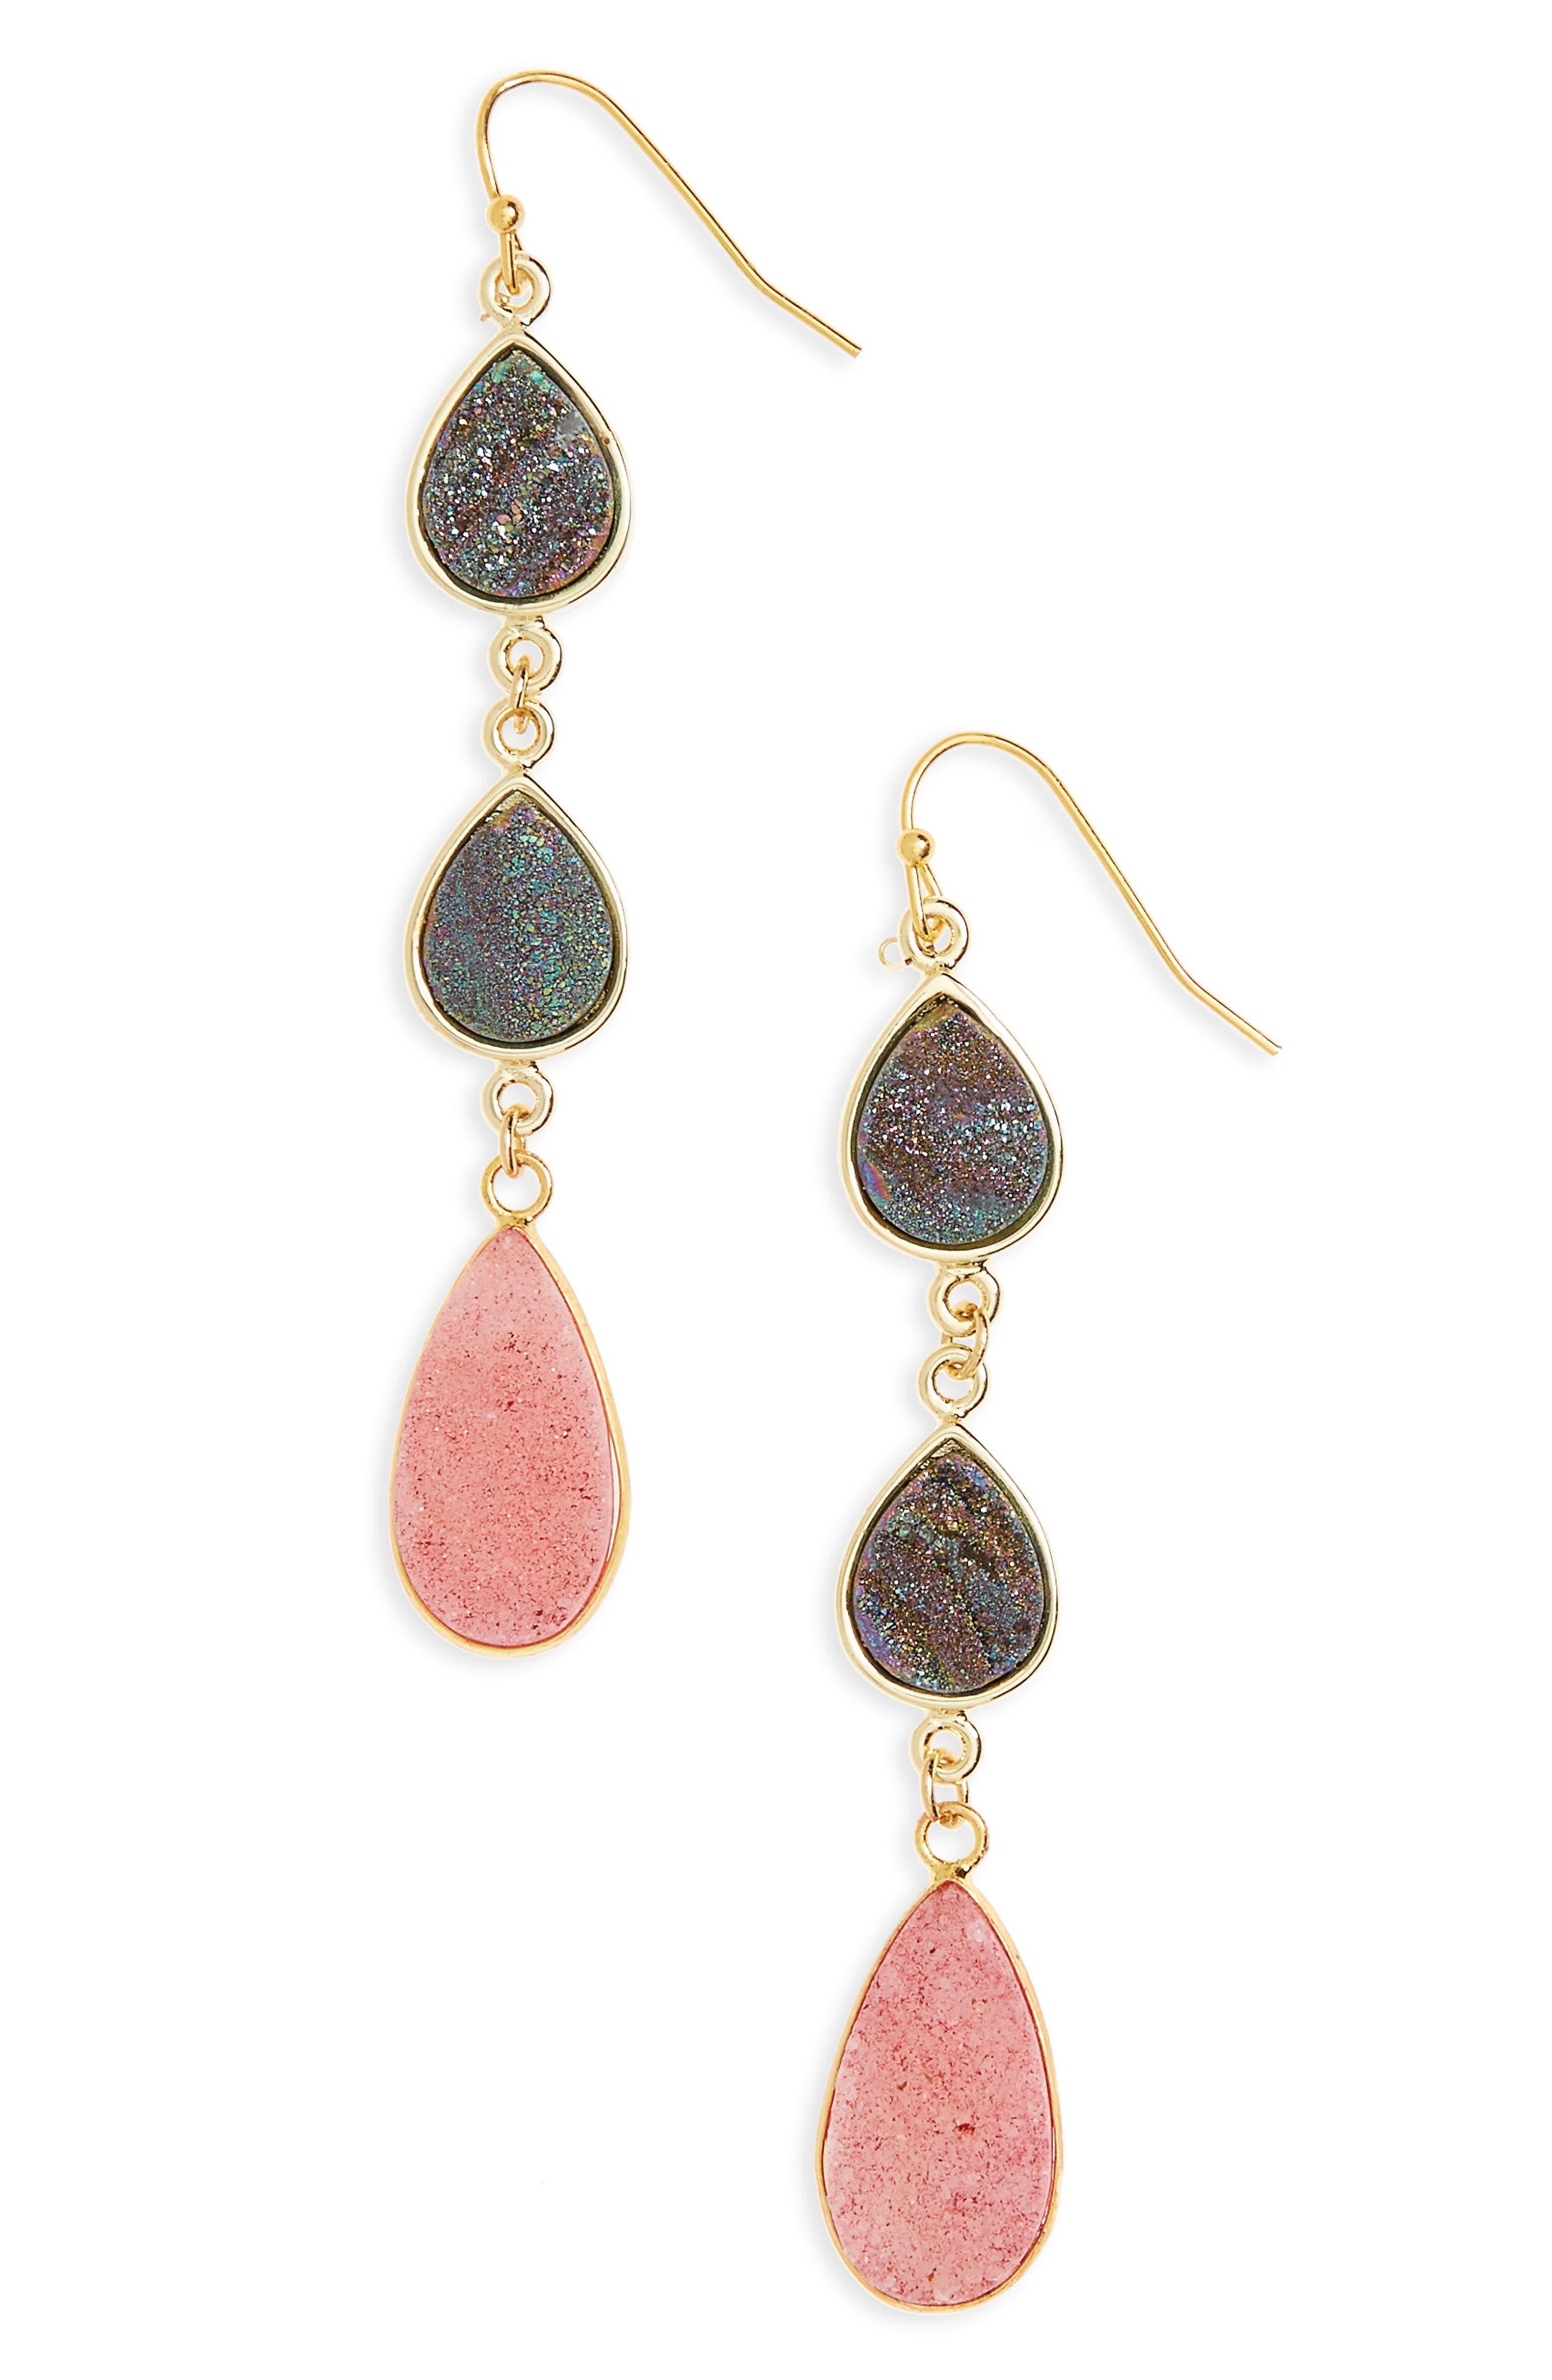 Main Image - Panacea Drusy Linear Earrings